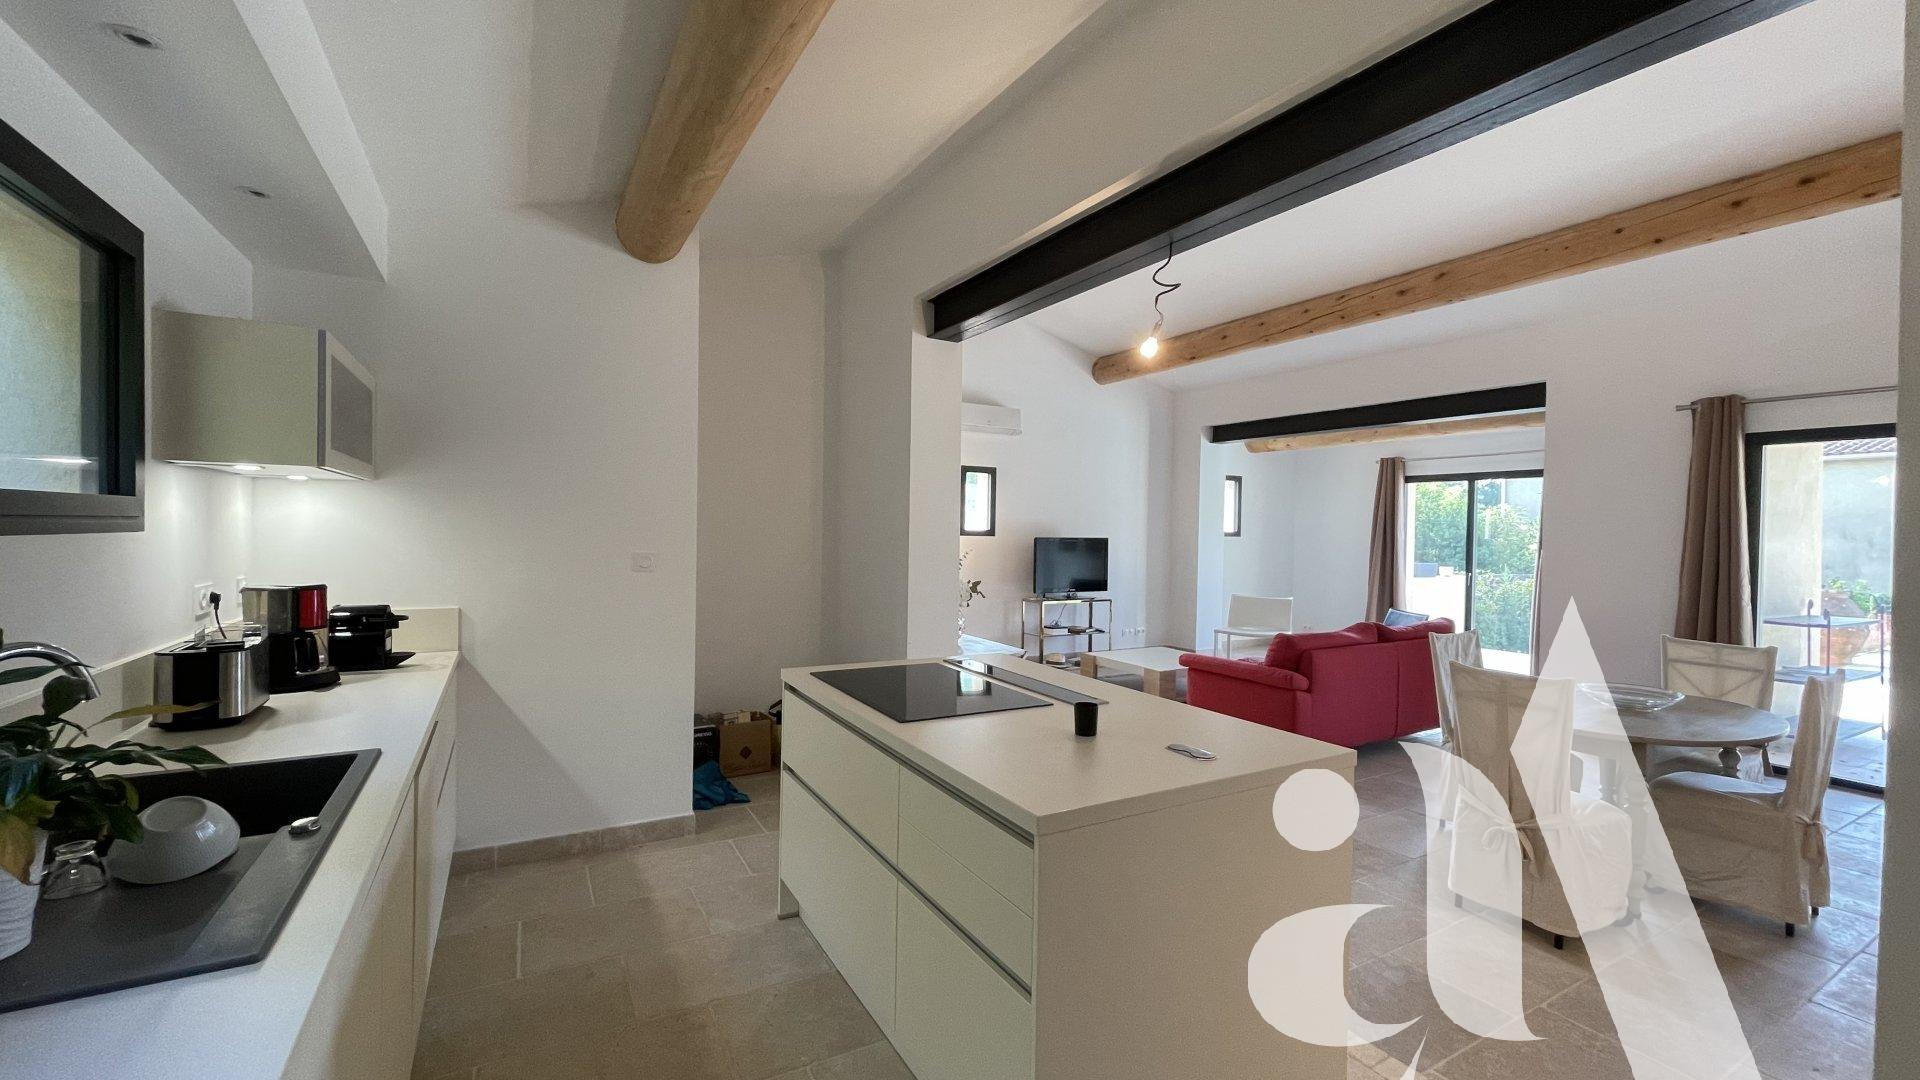 FOR SALE - MAUSSANE LES ALPILLES - RENOVATED HOUSE